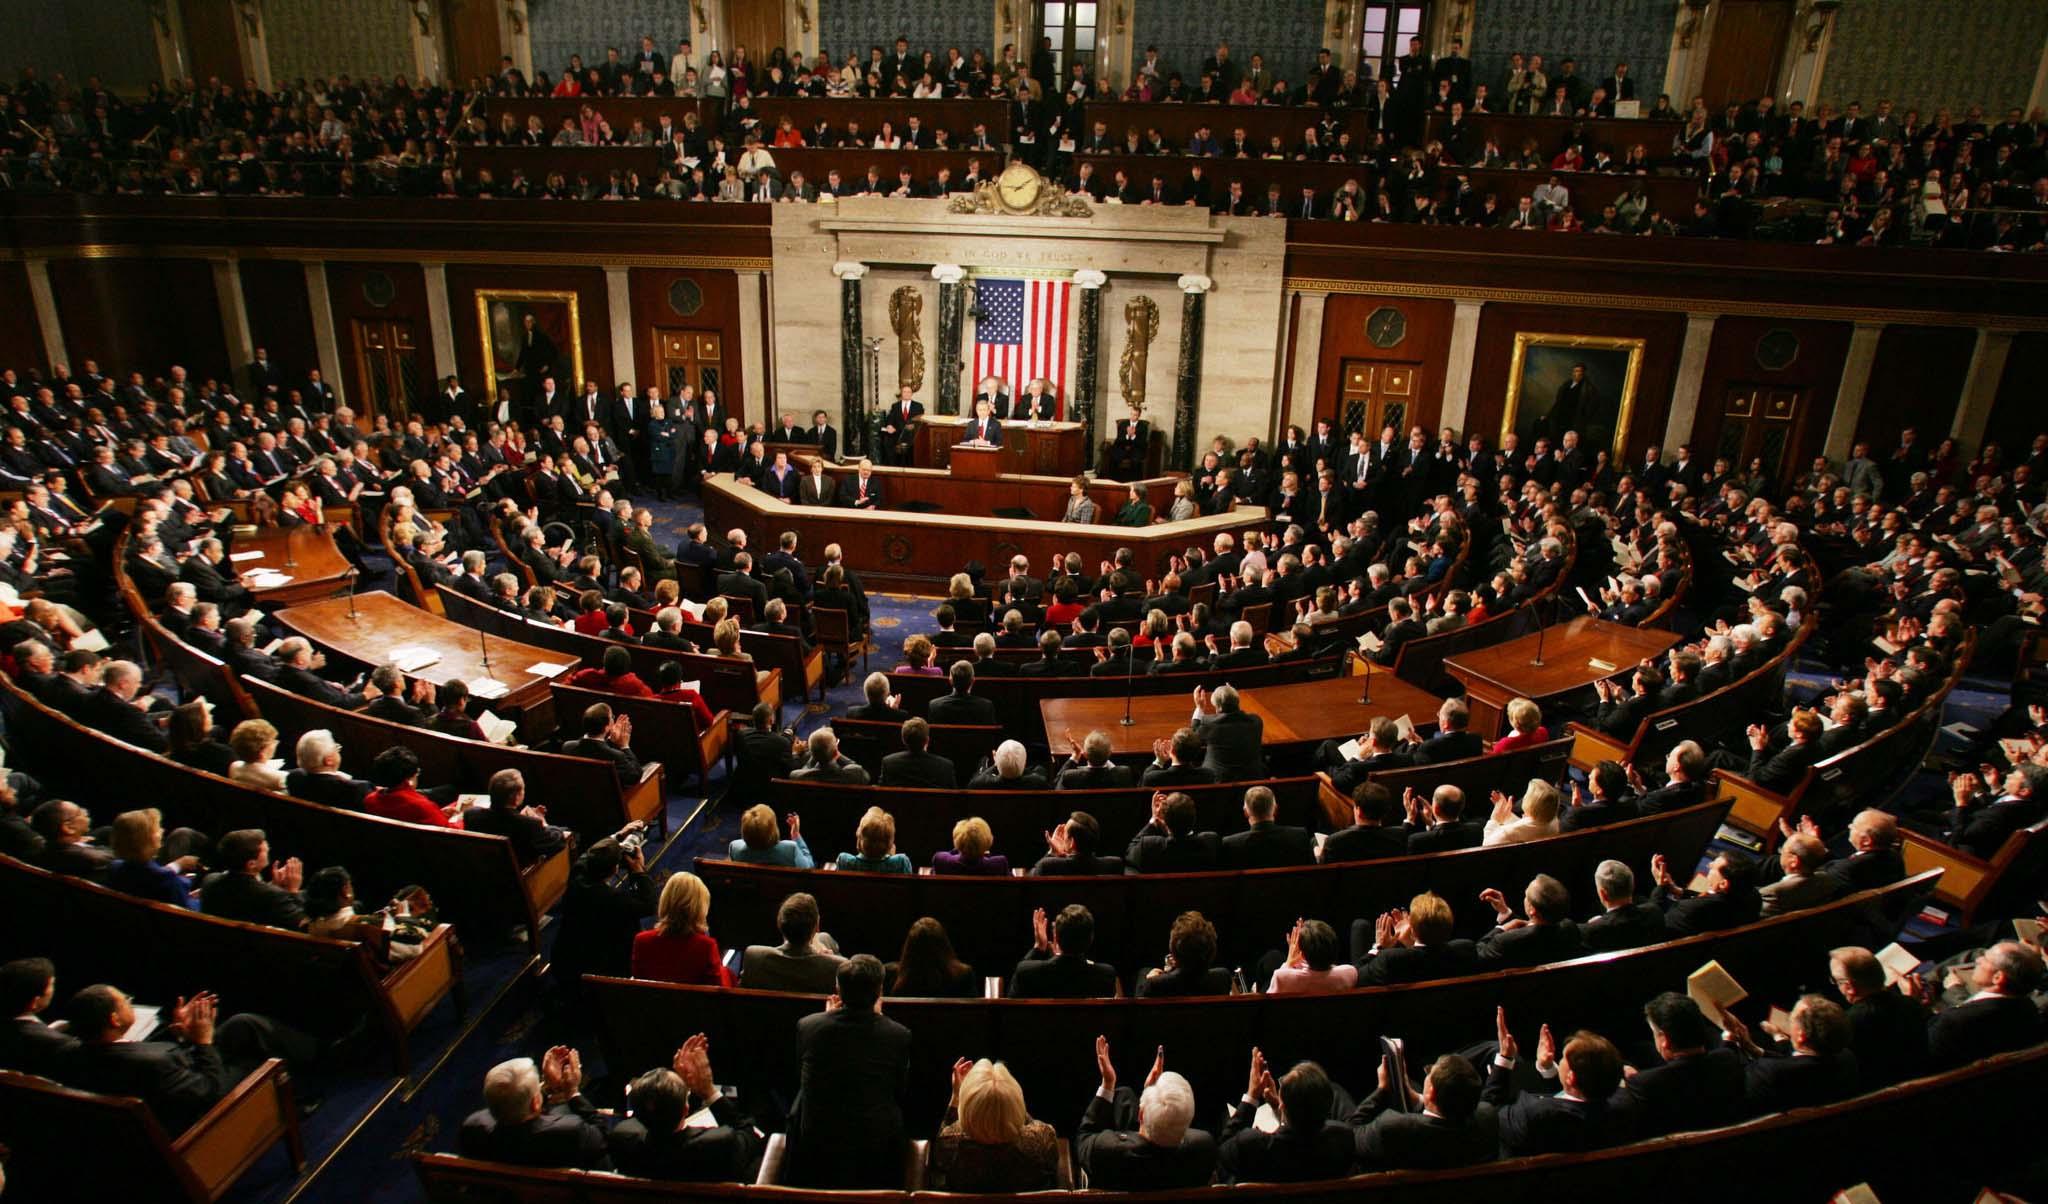 گزارش نیویورک تایمز از نشست های محرمانه سنا و مجلس آمریکا درباره ایران